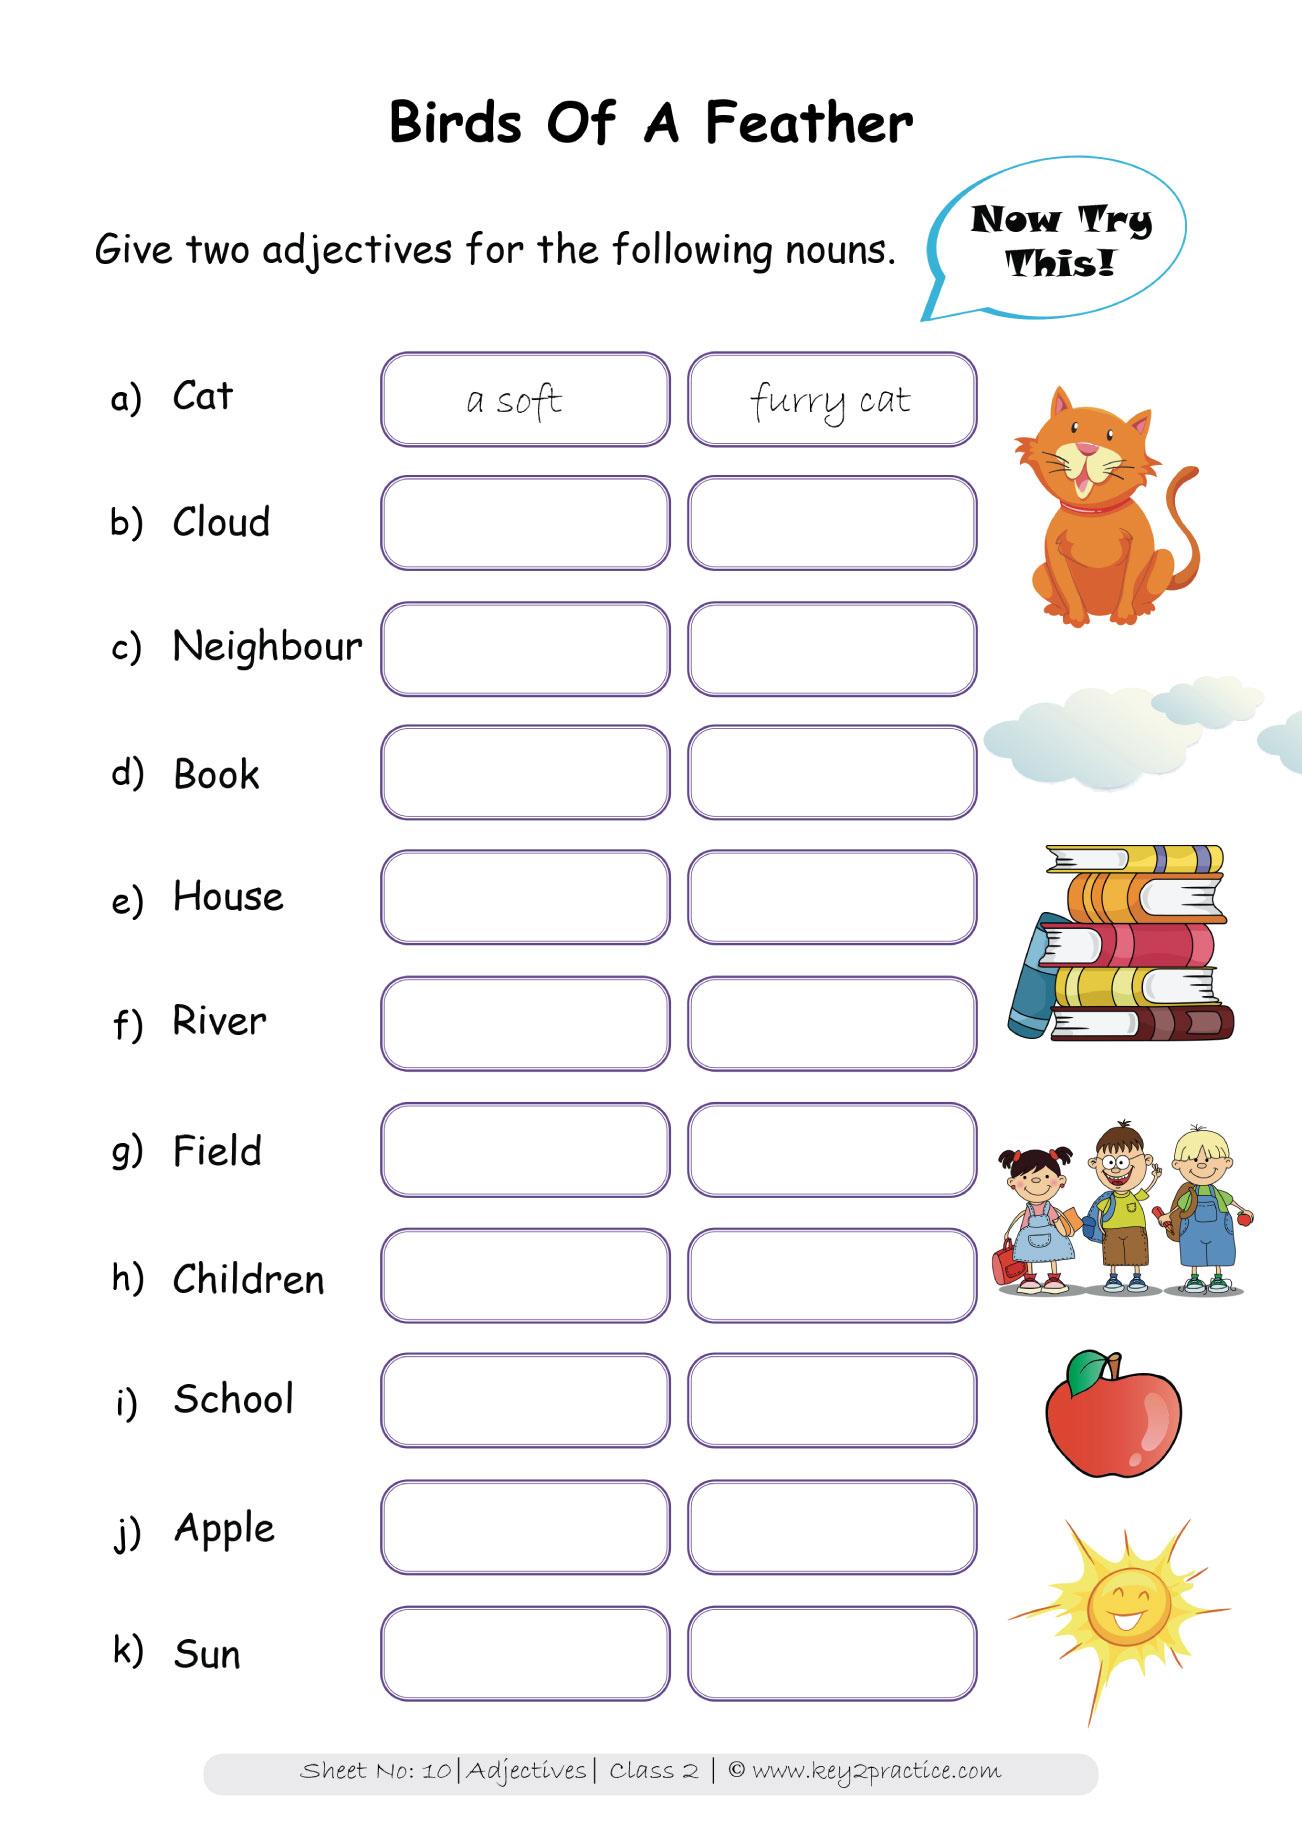 Worksheets On Adjectives Grade 2 I English Key2practice Workbooks